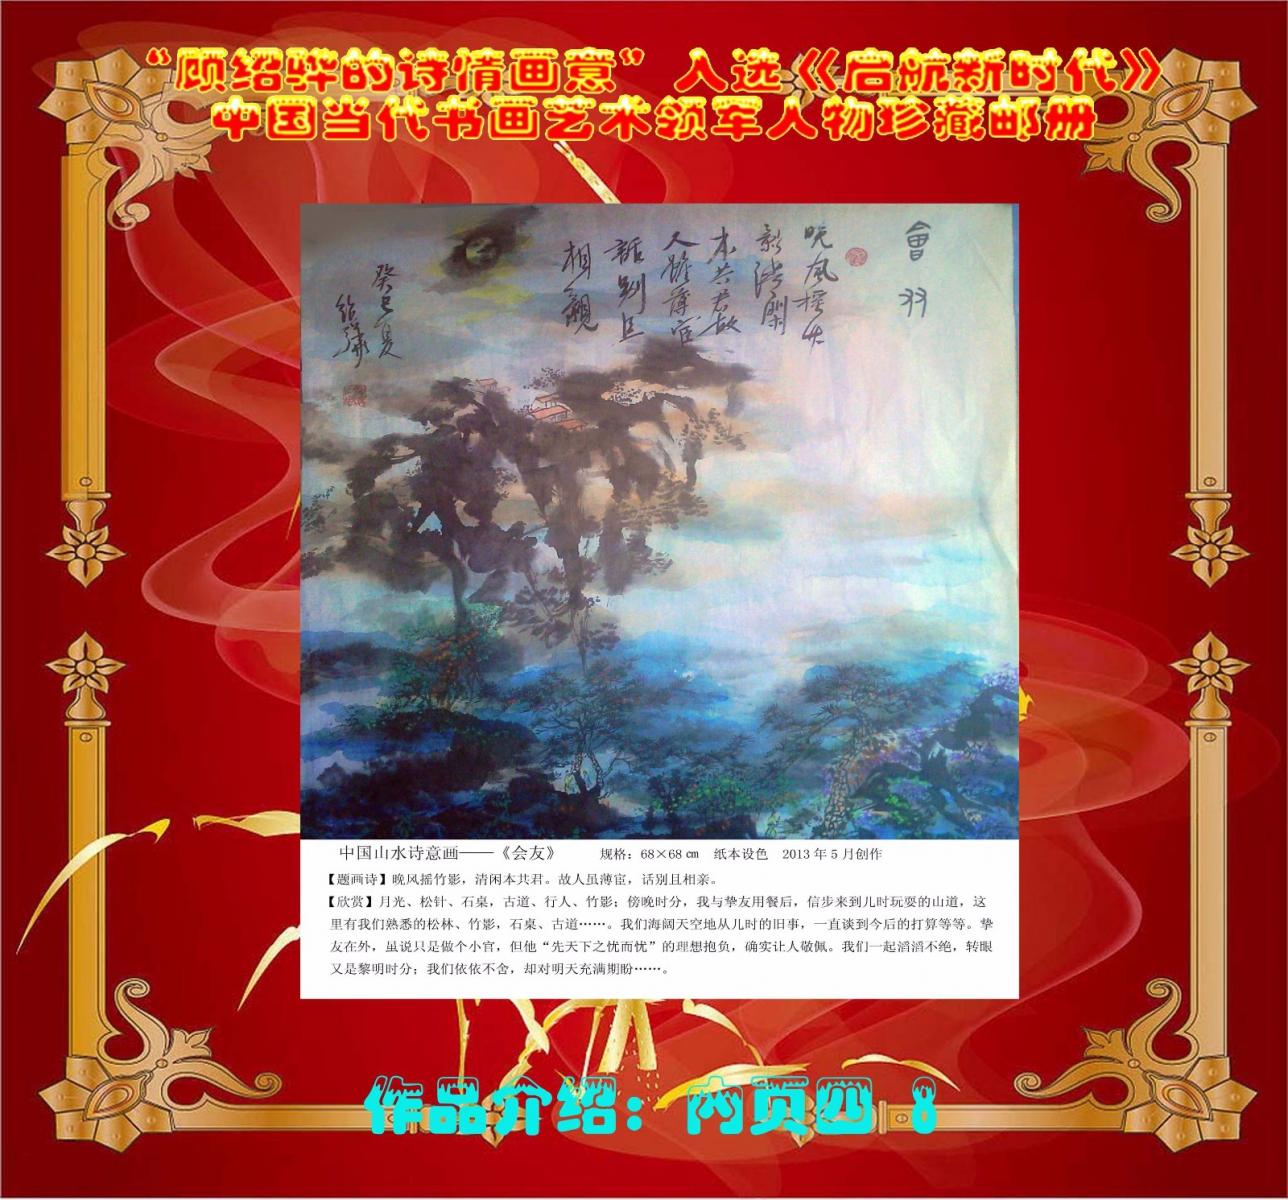 """""""顾绍骅的诗情画意""""入选《启航新时代》中国当代书画艺术领军人物珍藏集邮册 ... ..._图1-12"""